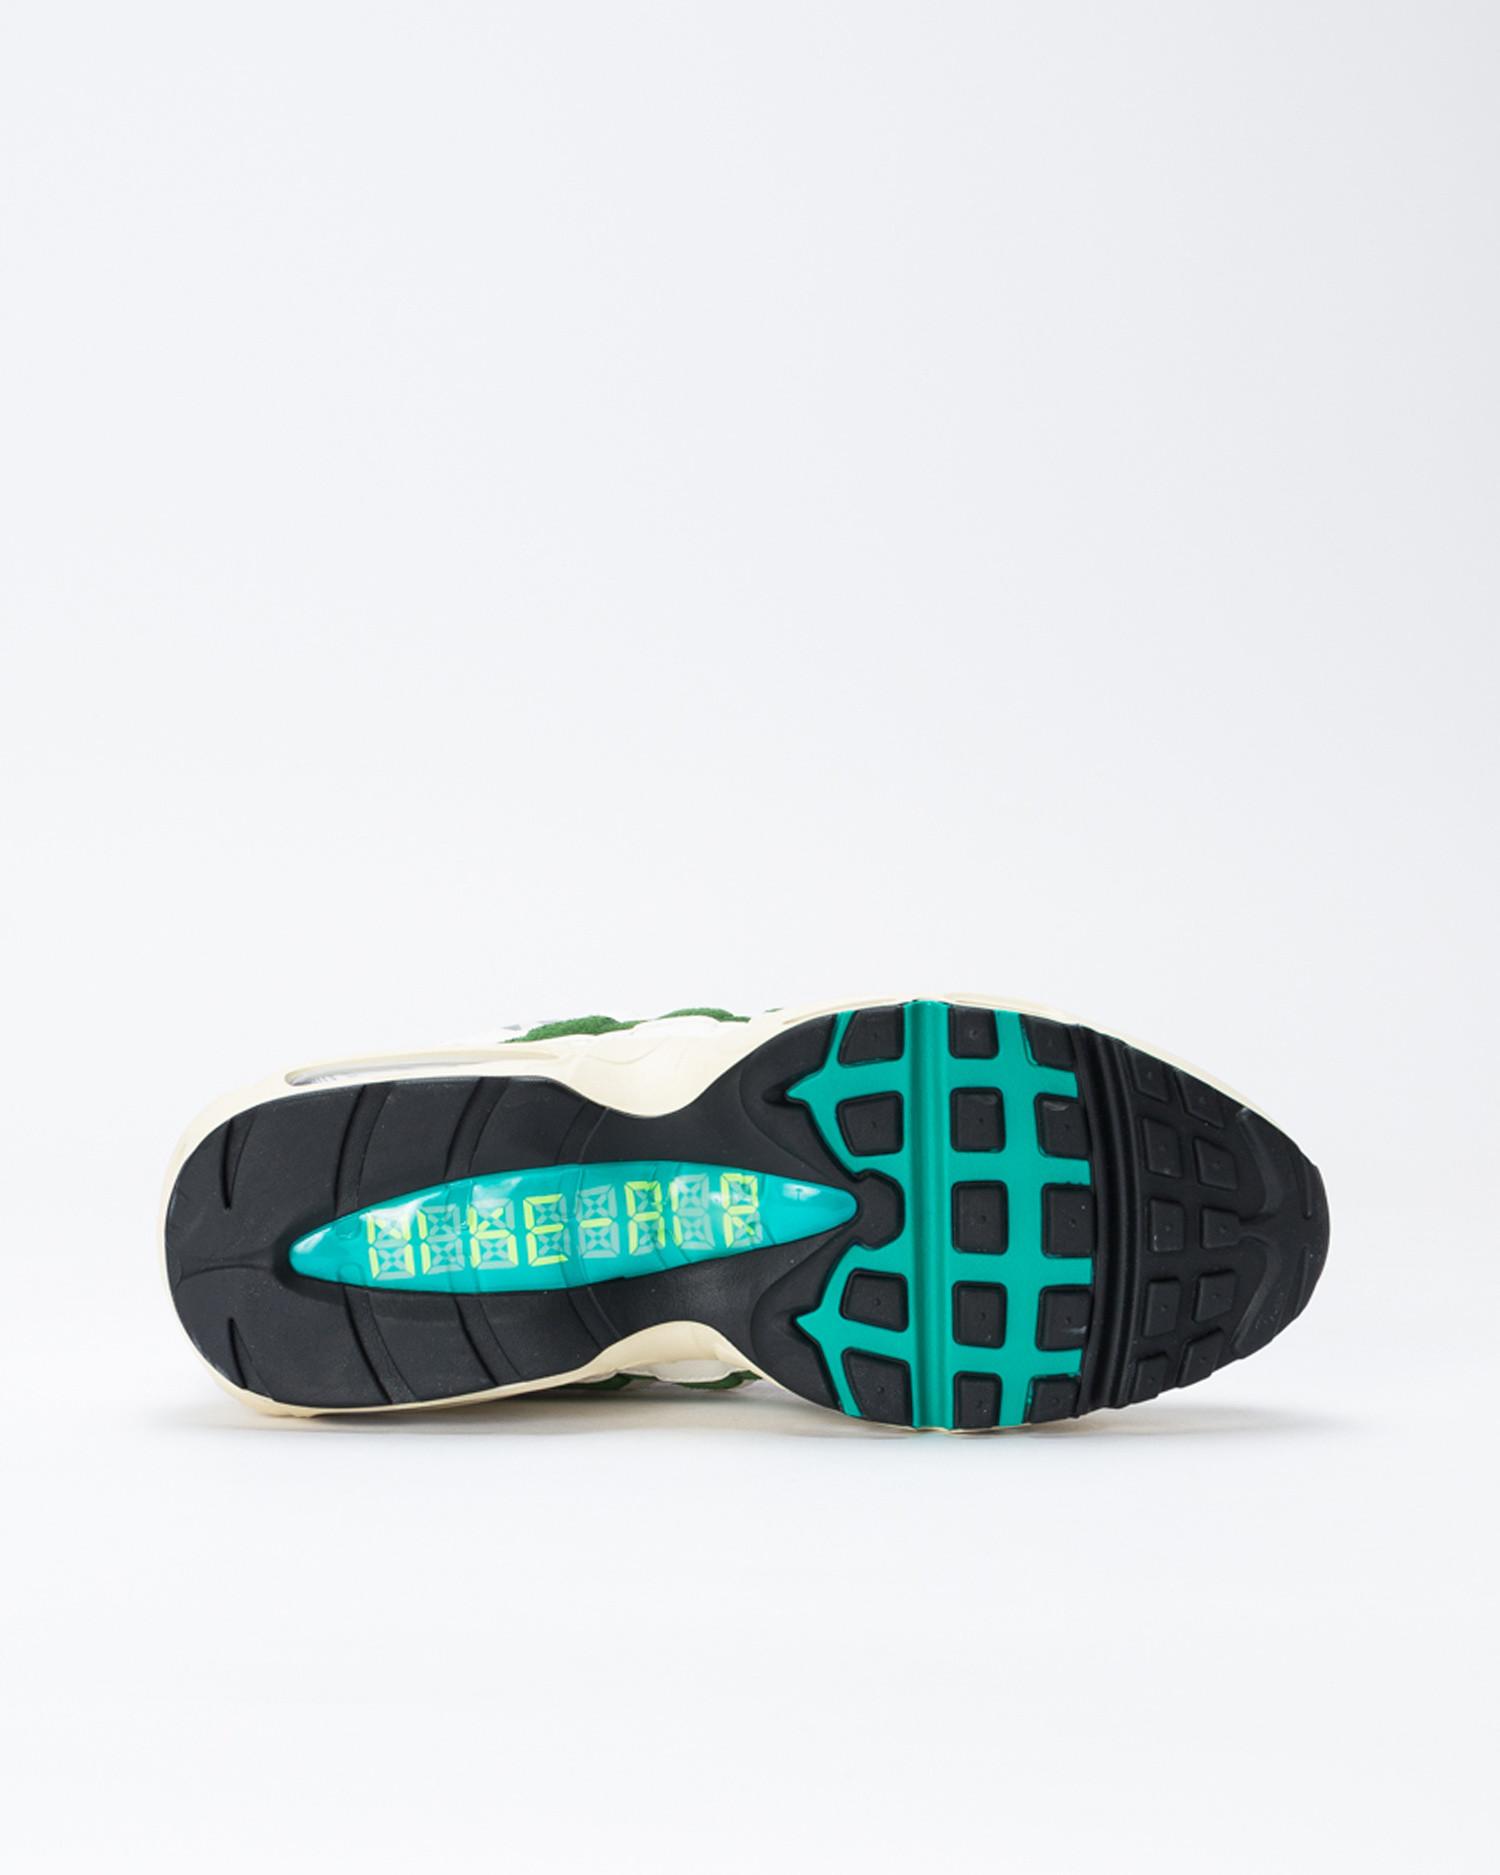 Nike Air Max 95 QS Era Sail/New Green-Forest Green